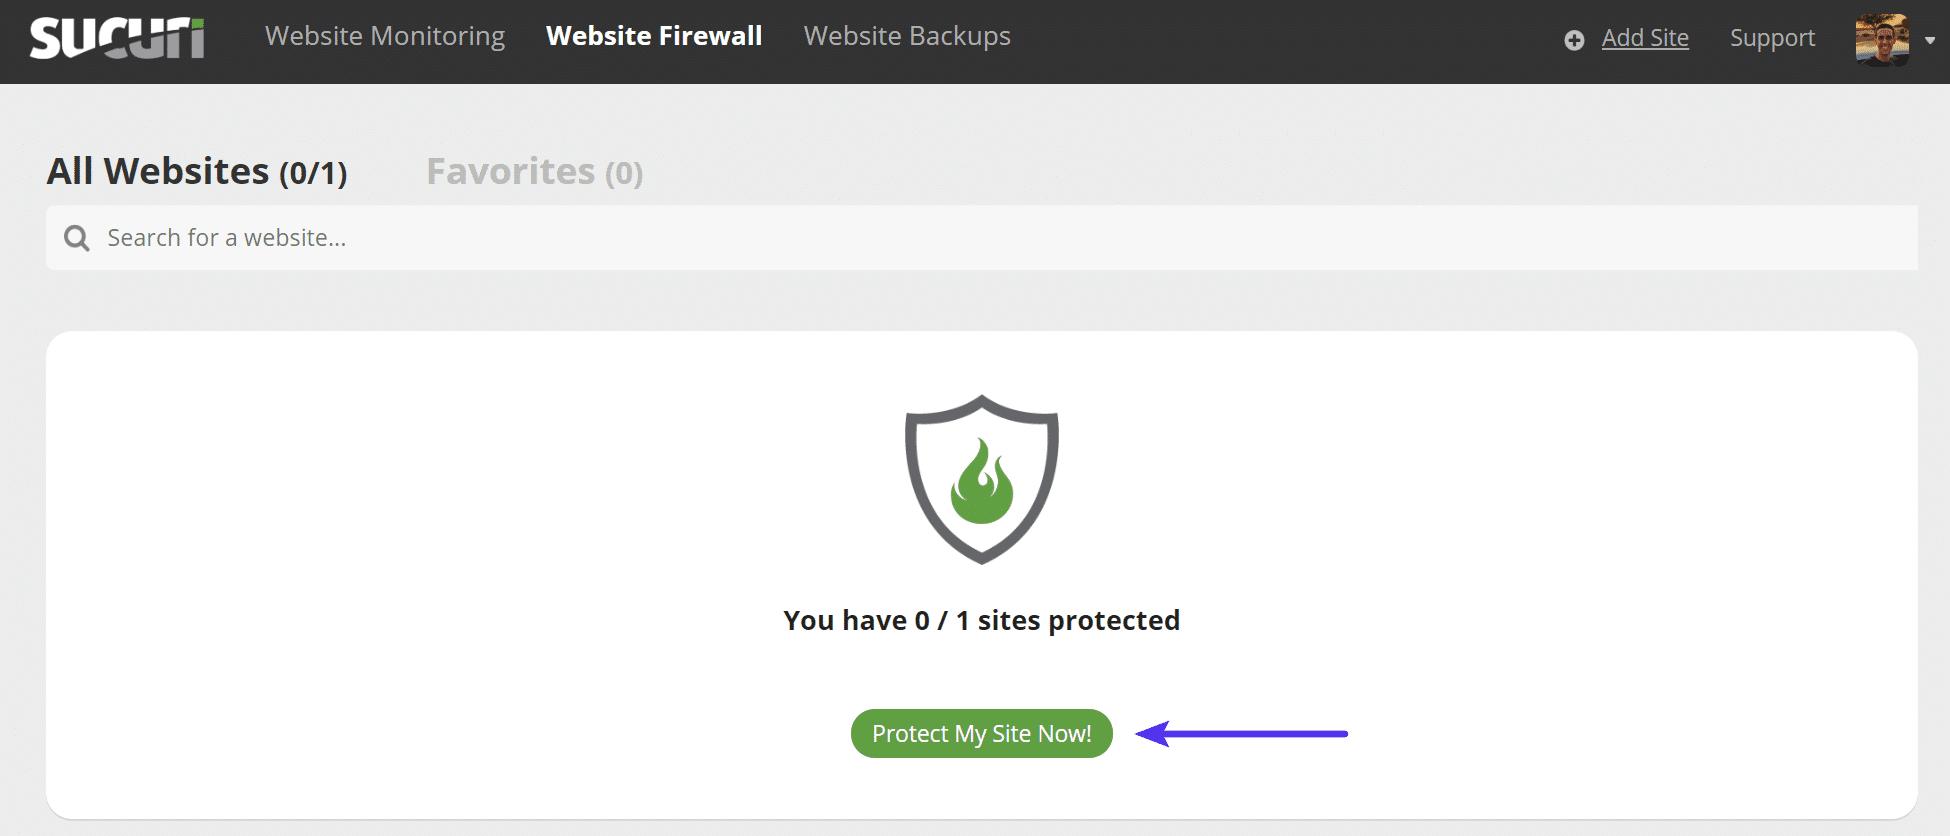 Sucuri protegge il mio sito